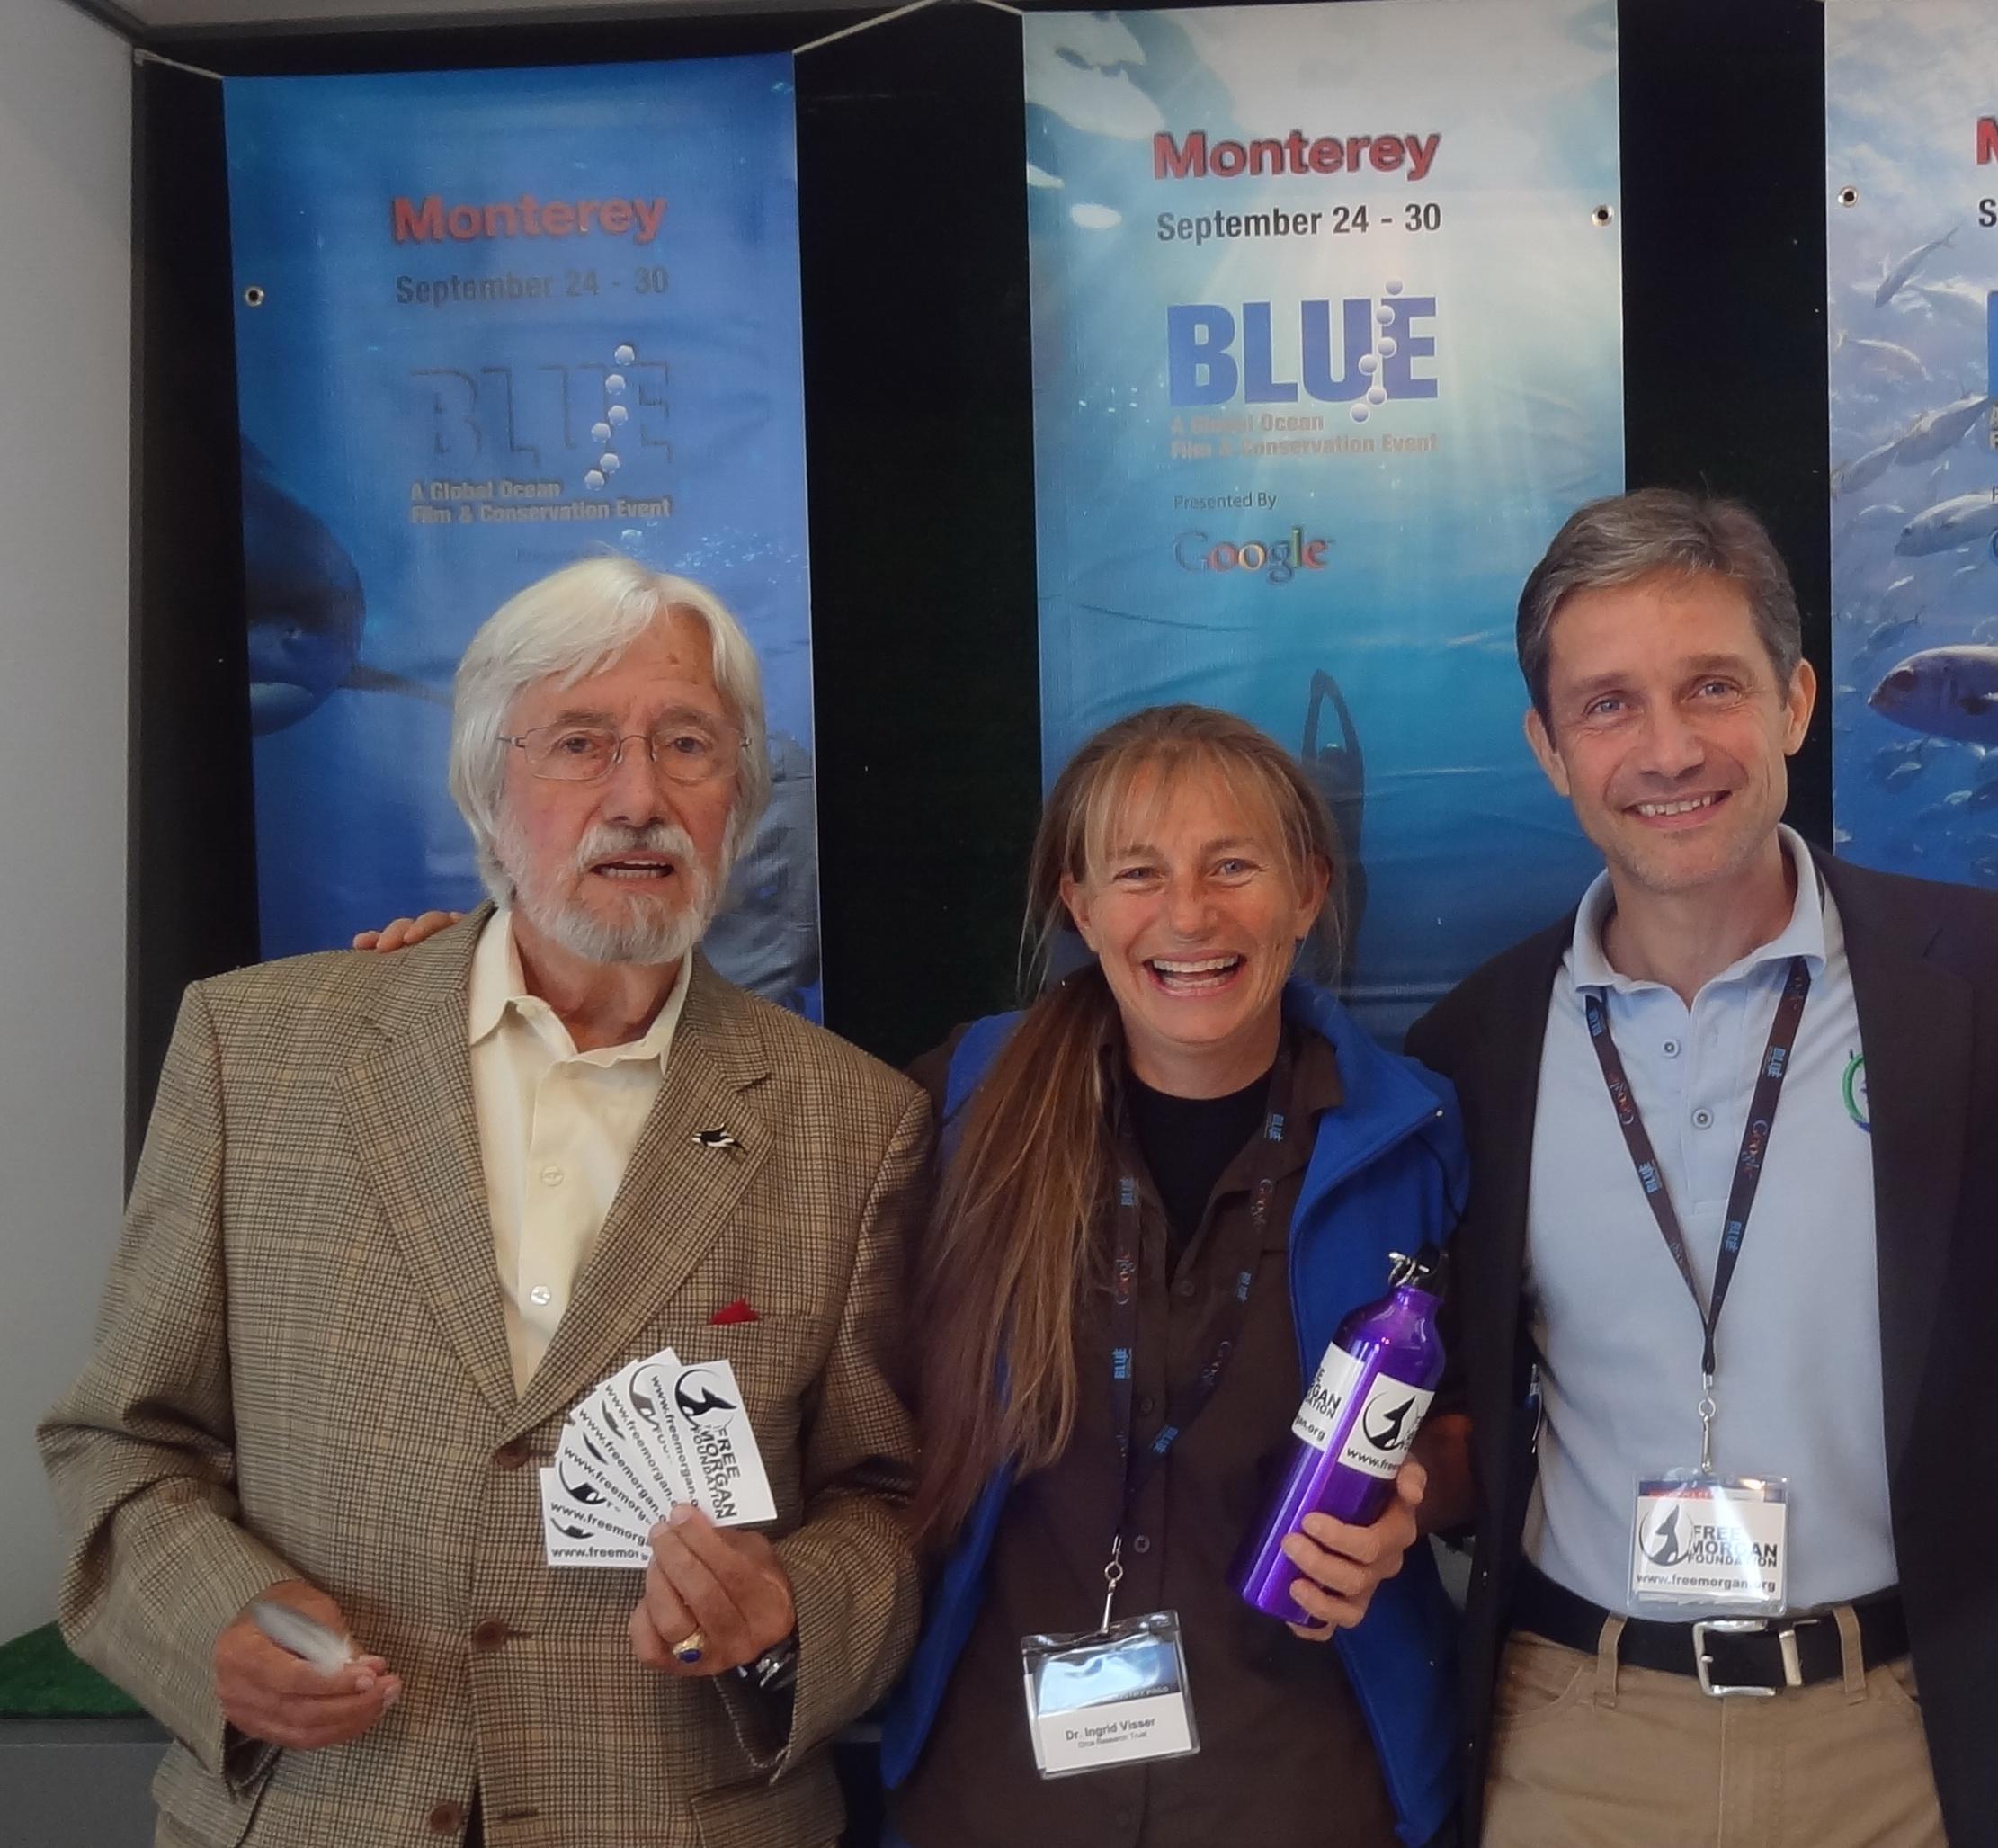 Jean-Micheal Cousteau, Ingrid Visser & Fabian Cousteau @ BLUE 2012